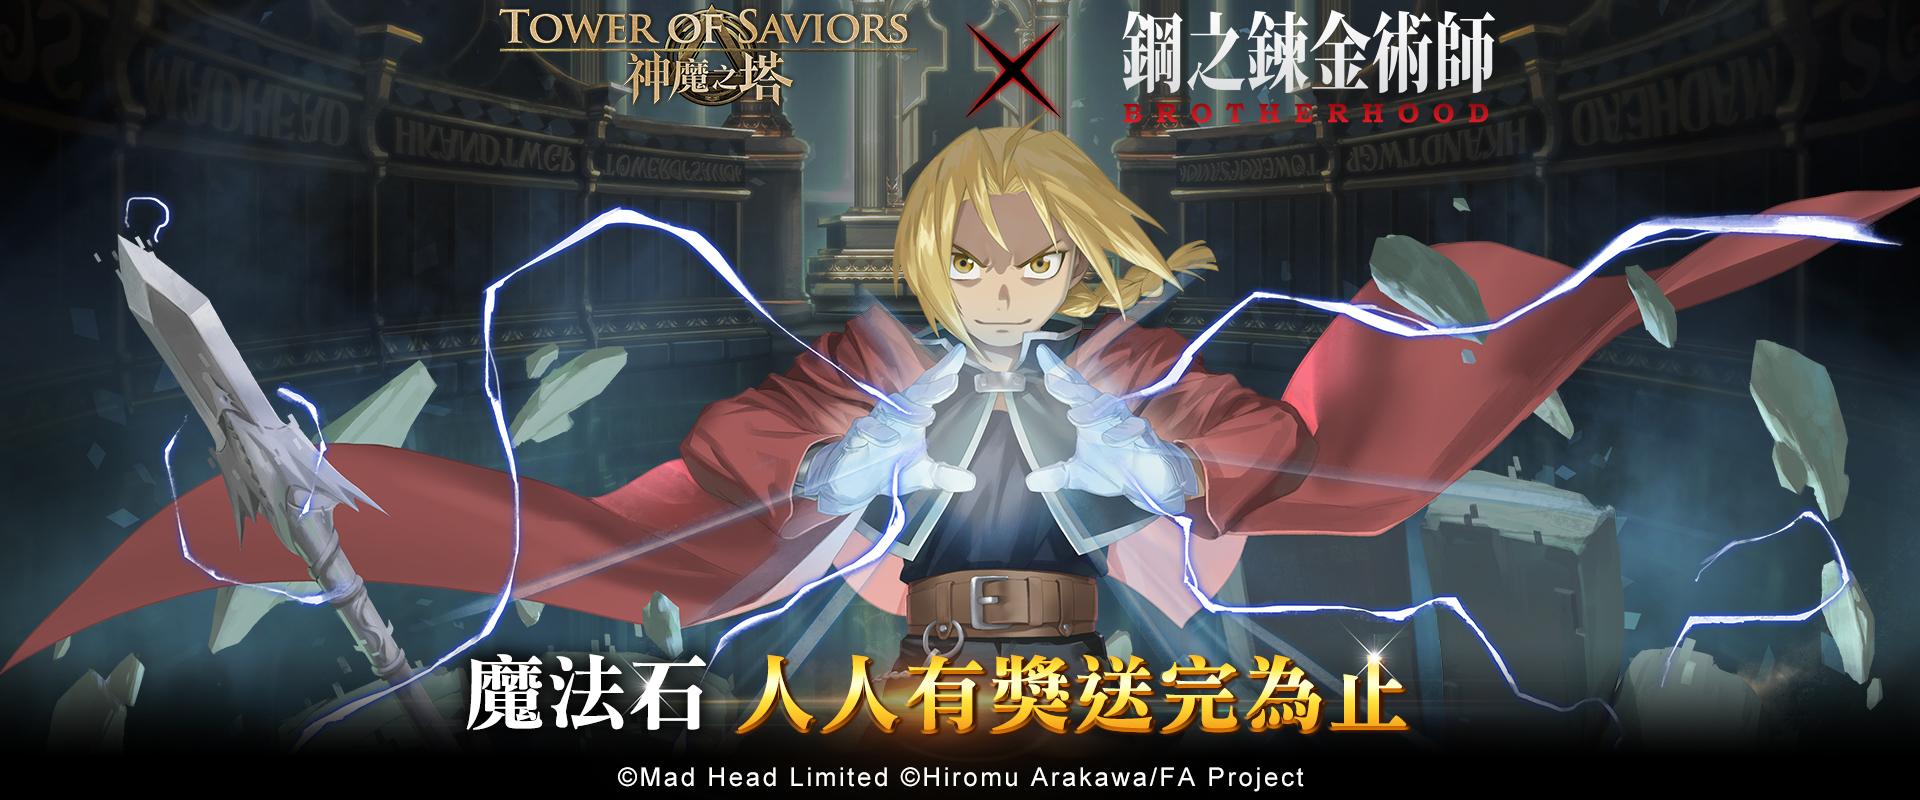 《神魔之塔 x 鋼之鍊金術師》期間限定MyCard活動開始 | 中華電信